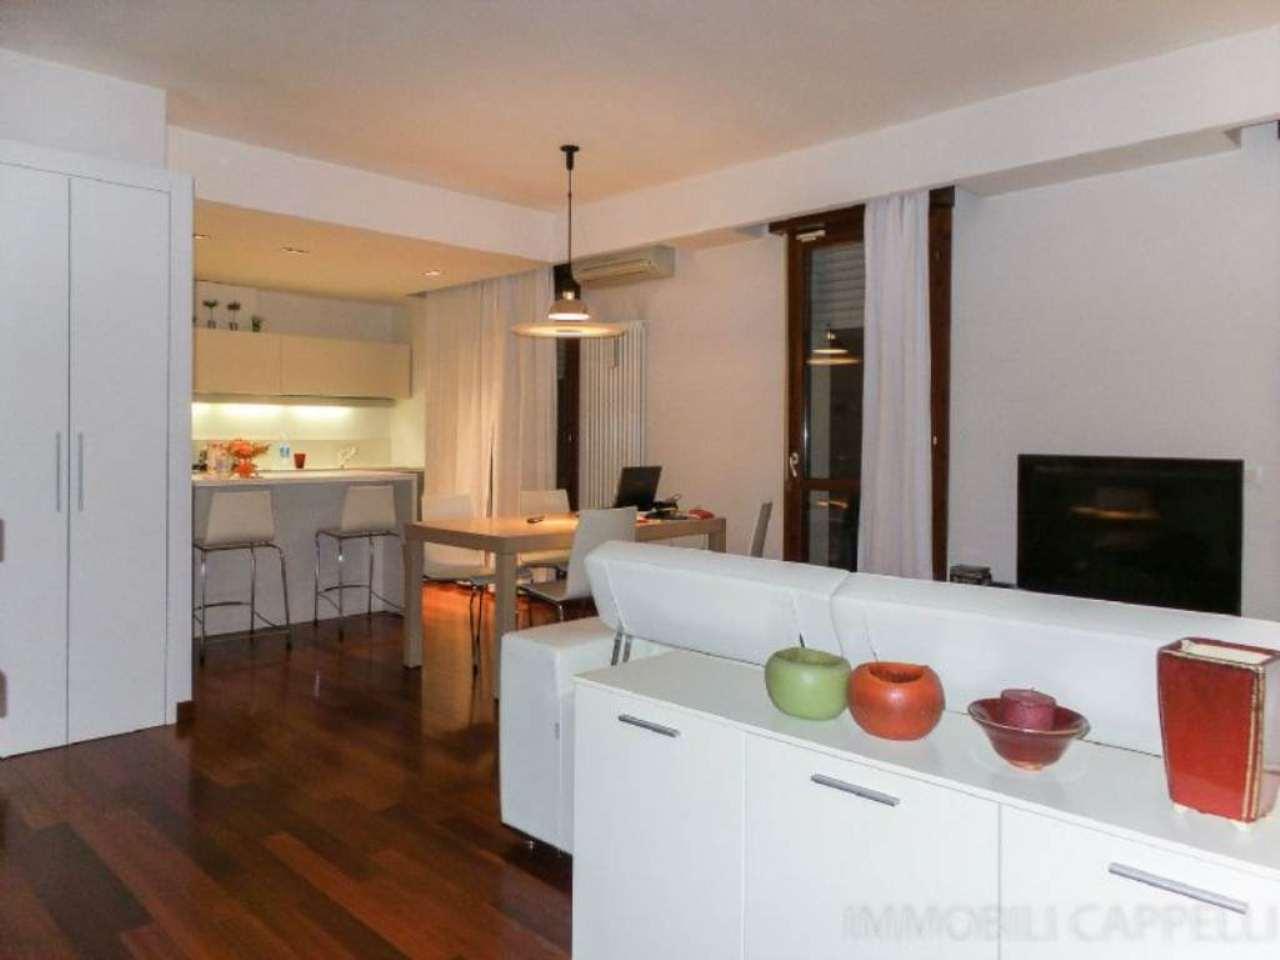 Appartamento in vendita a Cesena, 3 locali, prezzo € 215.000   CambioCasa.it